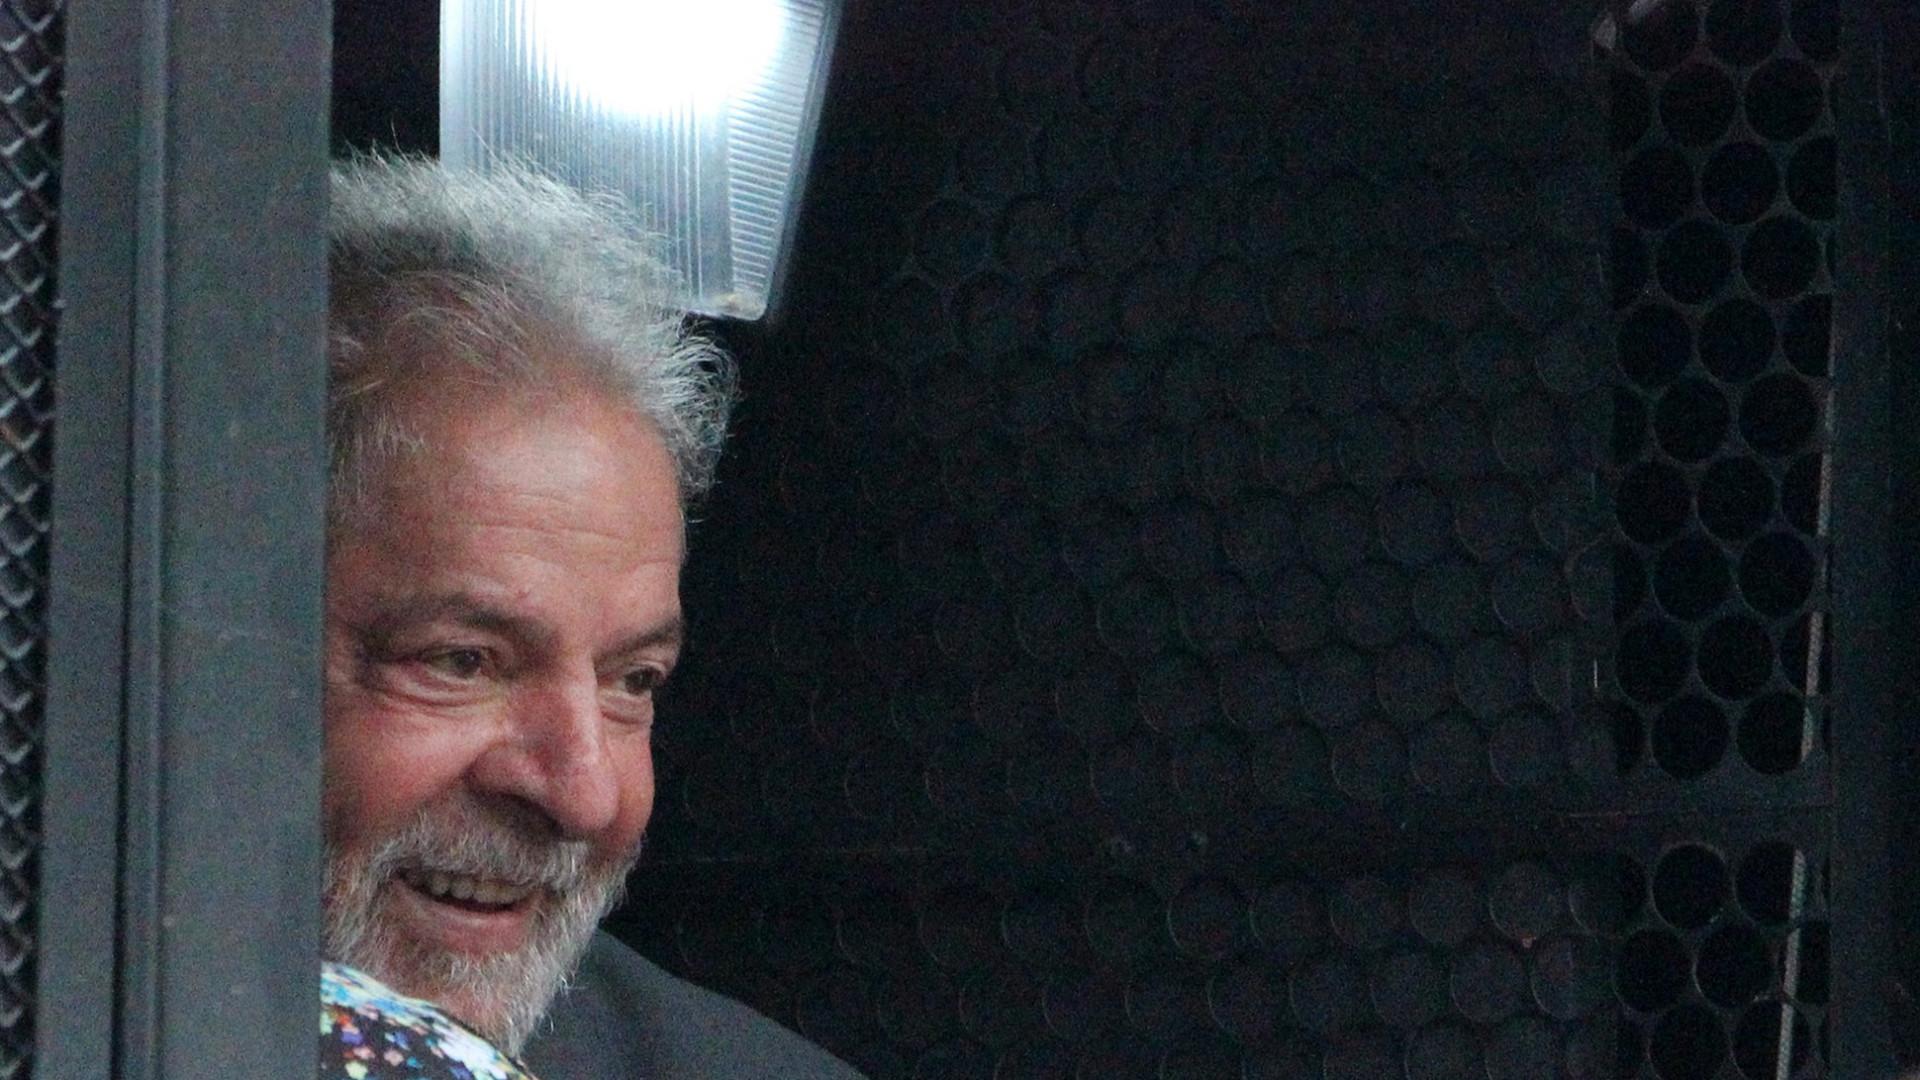 Já começou o julgamento do ex-presidente Lula da Silva